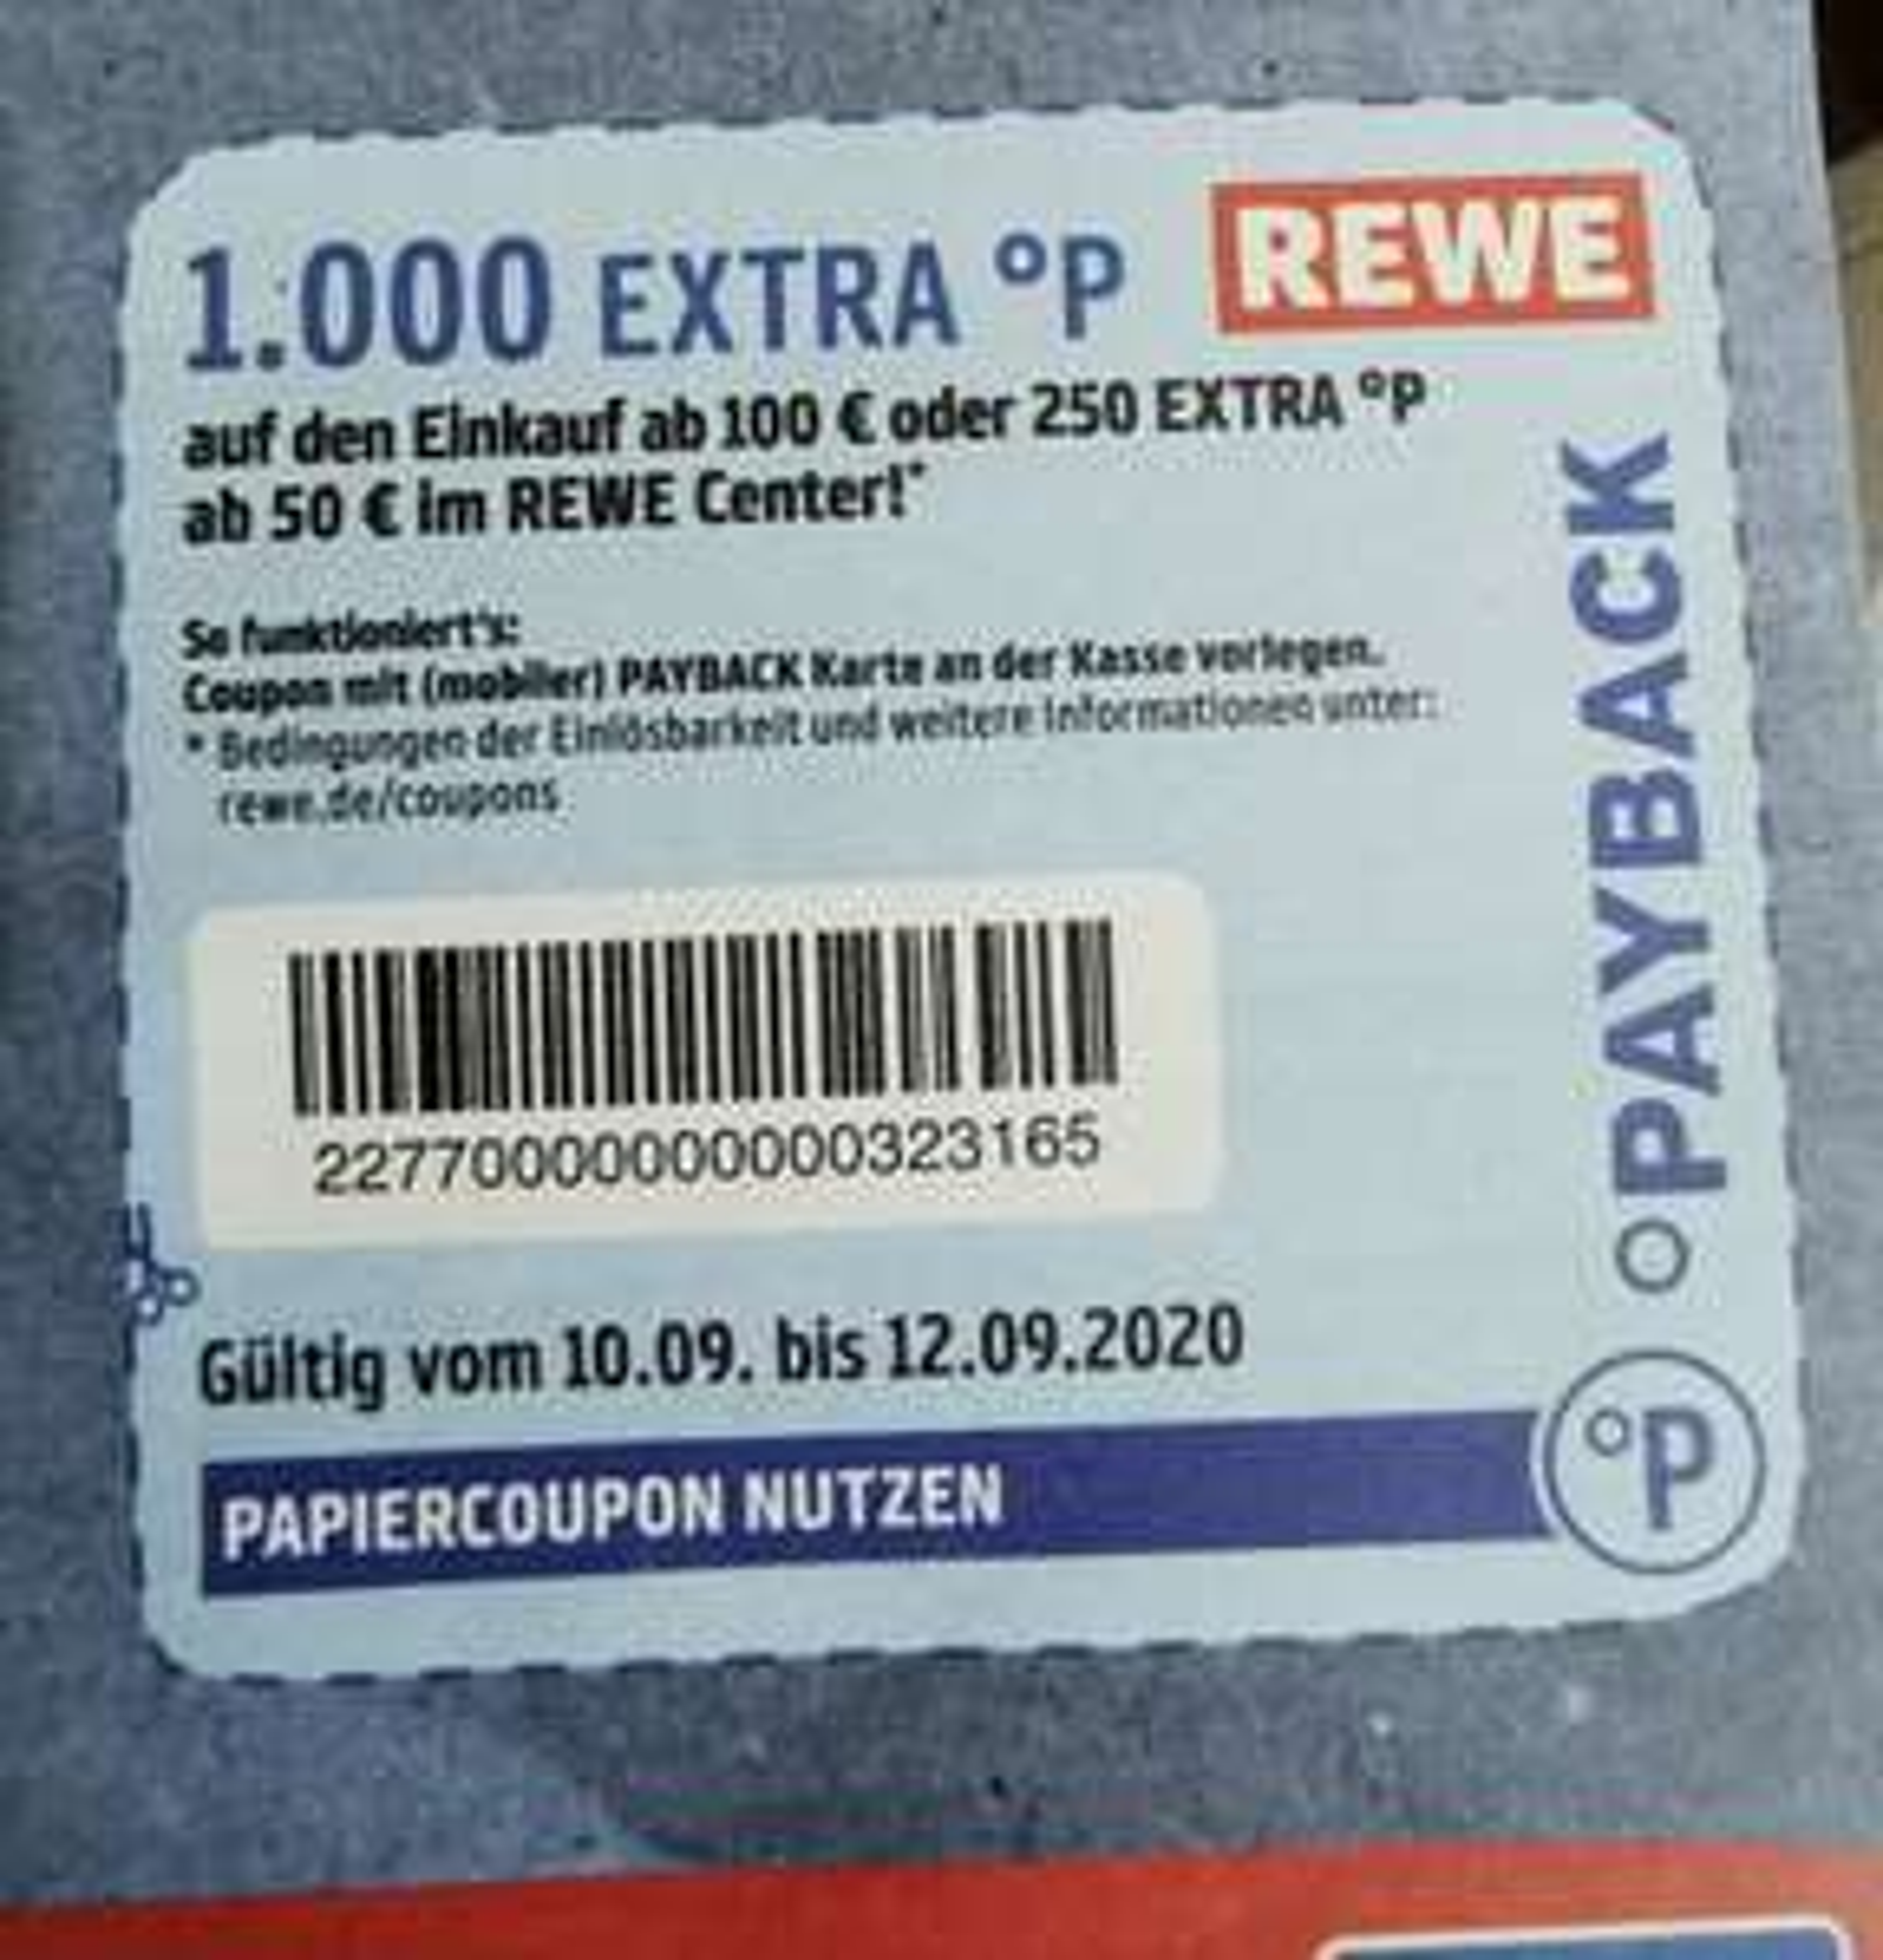 1000 Payback Punkte für Einkauf ab 100 € im Rewe Center / oder 250 Punkte ab 50 €